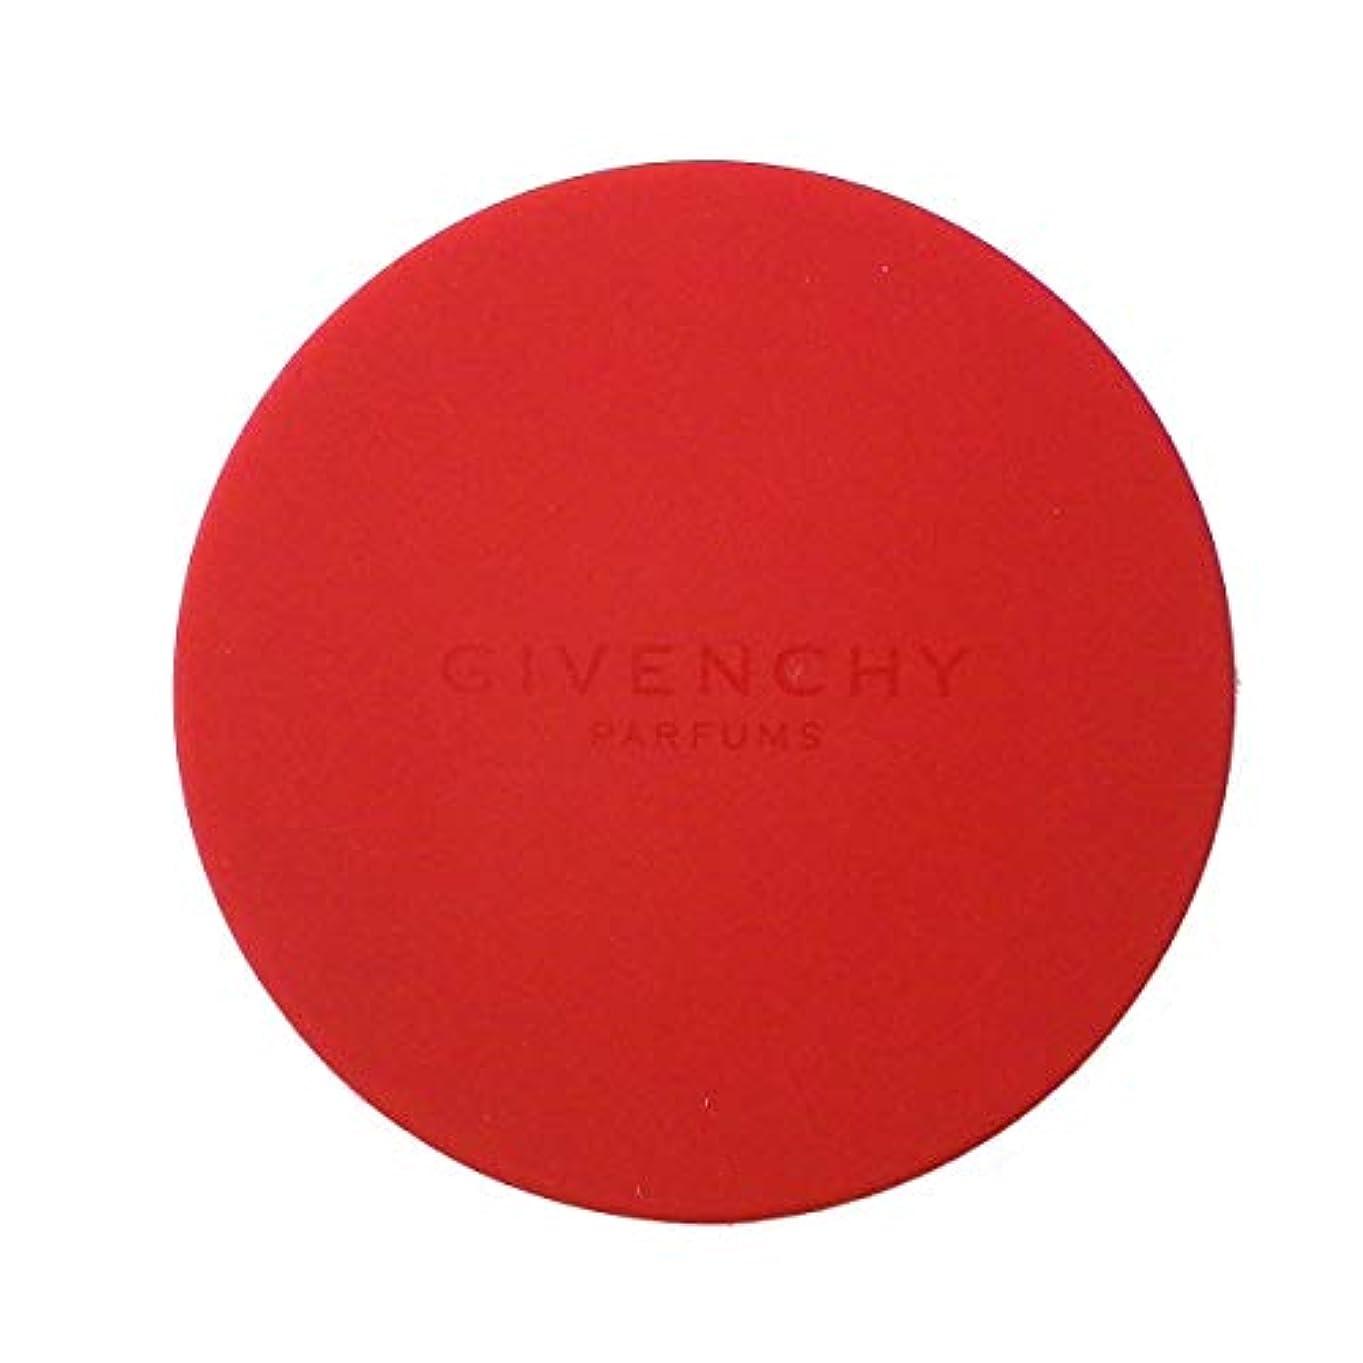 メタン逆木製(ジバンシー) GIVENCHY スライドミラー 鏡 赤 レッド ロゴ コンパクト ミニ 小さめ カバー ラバー 携帯用 化粧 メイク コスメ 海外限定